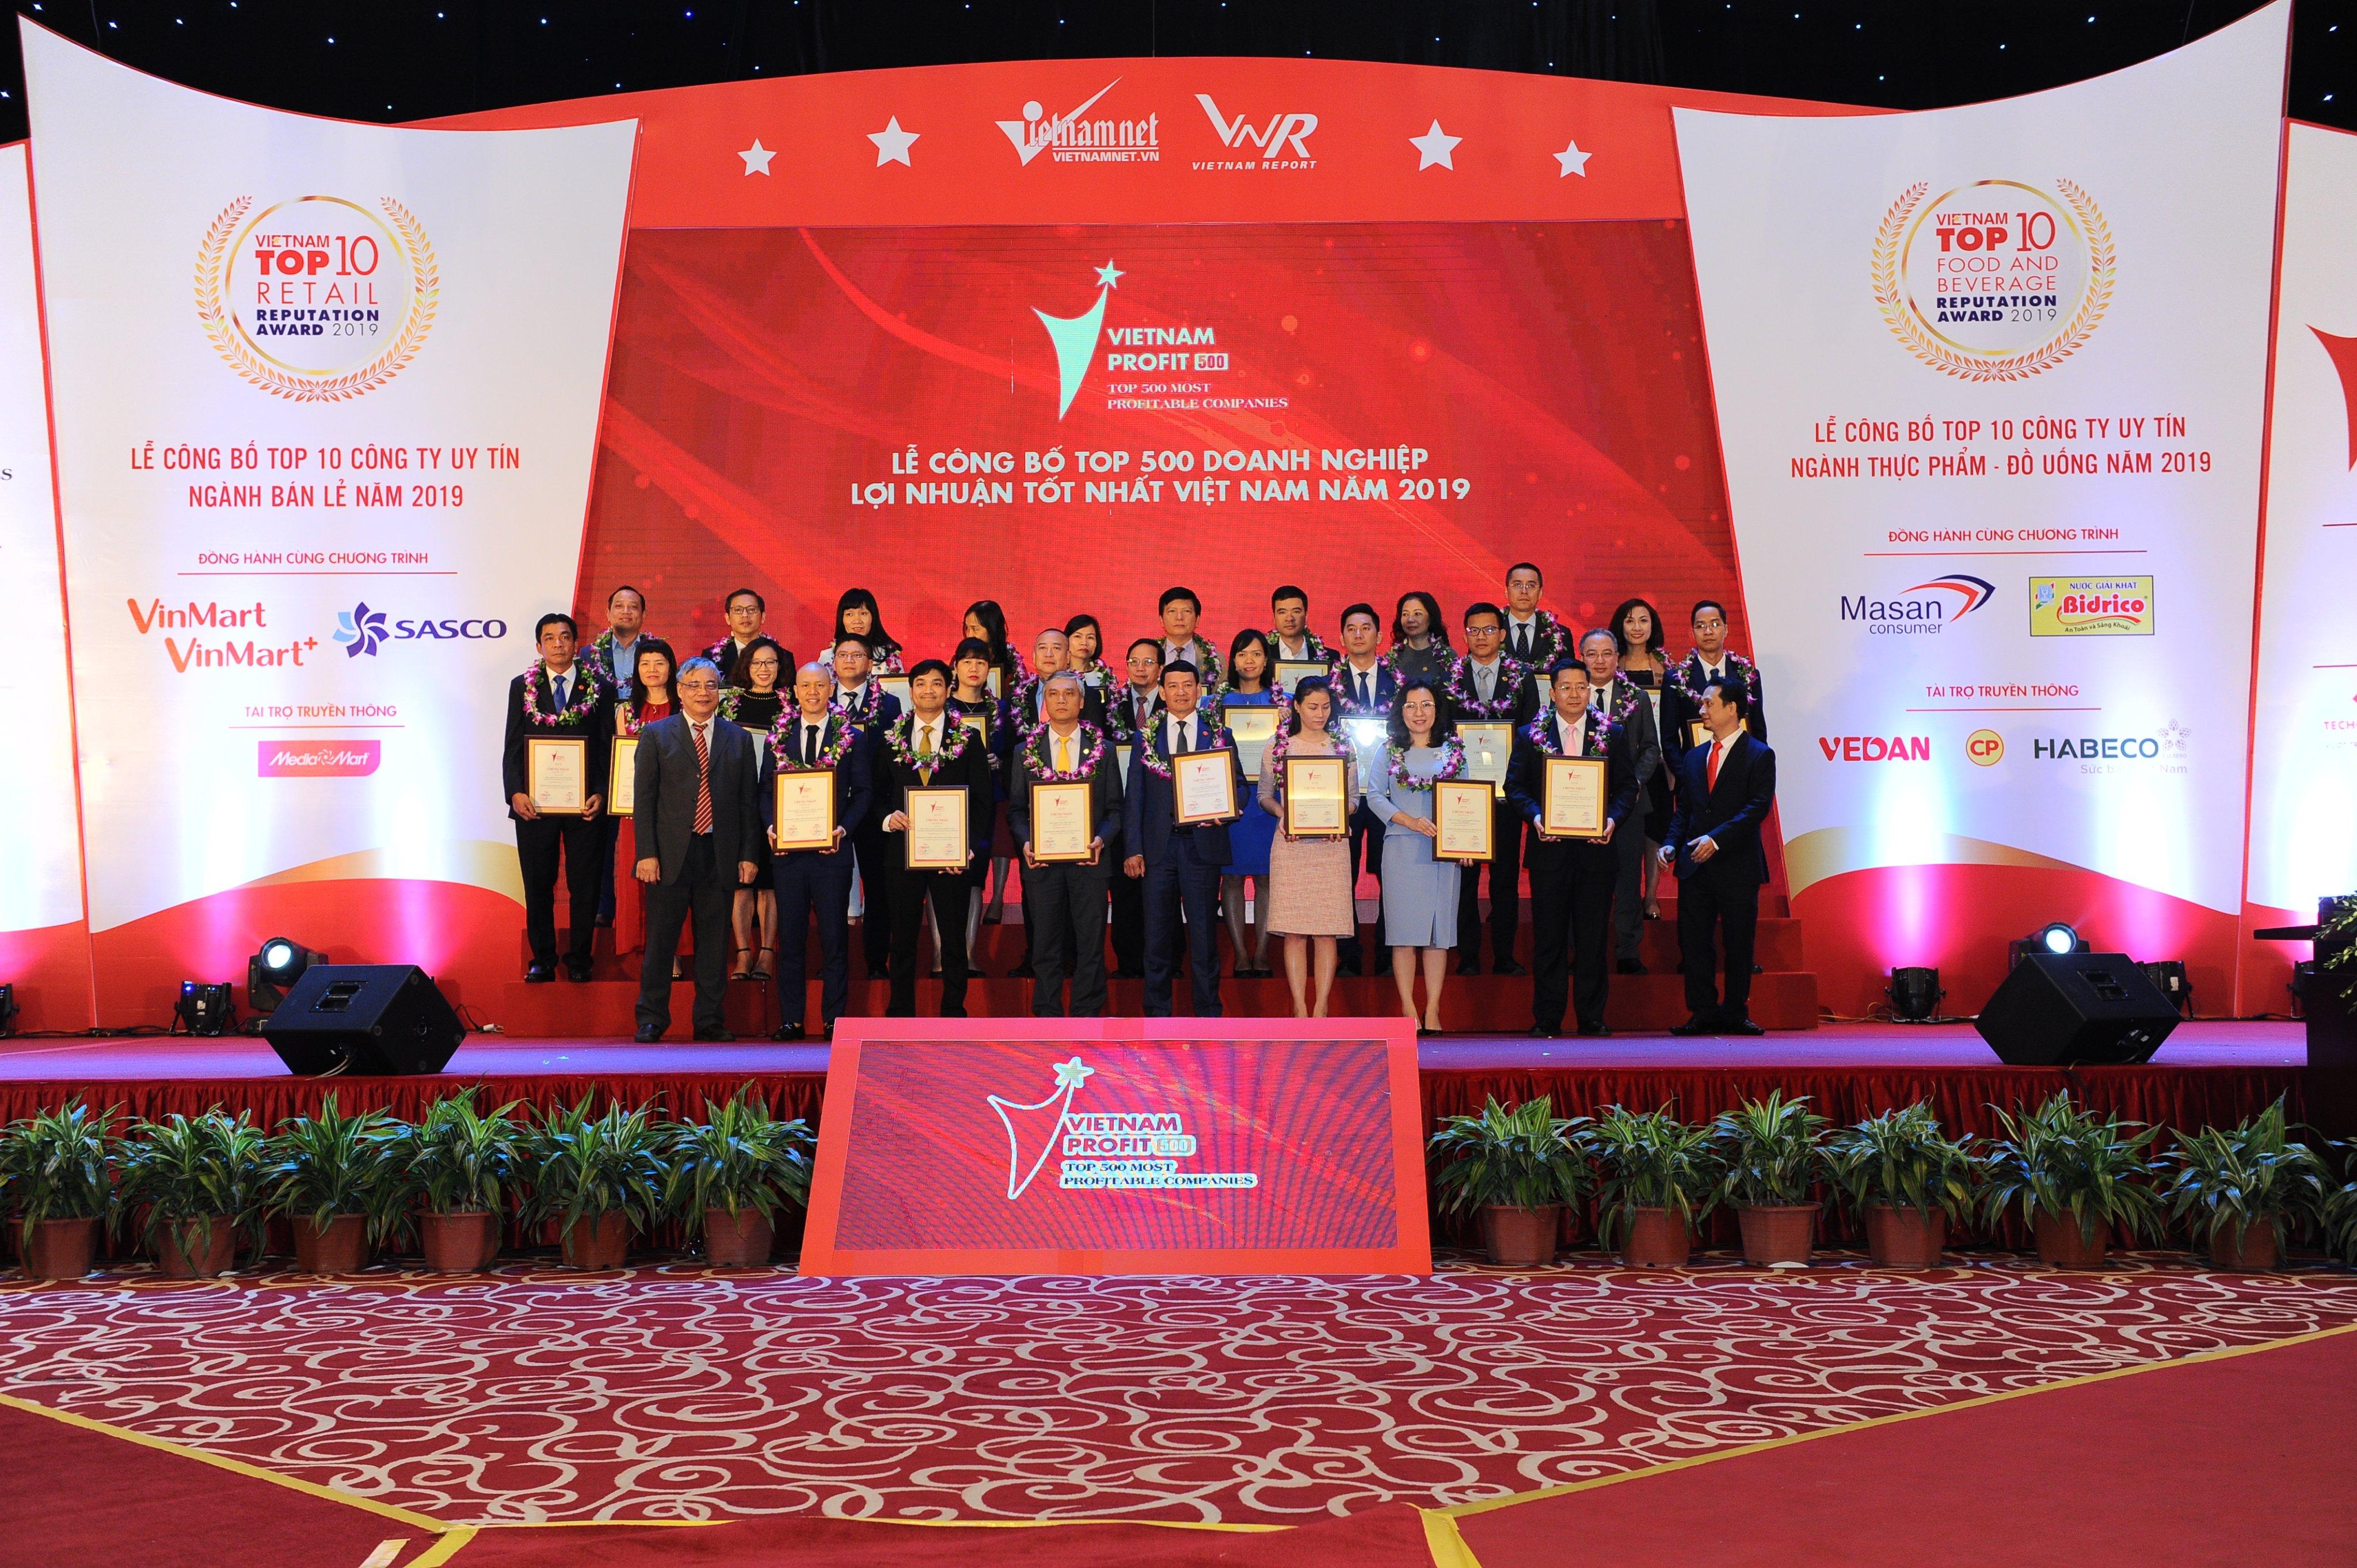 Lễ công bố BXH PROFIT500 & Top 10 Công ty uy tín các ngành năm 2020